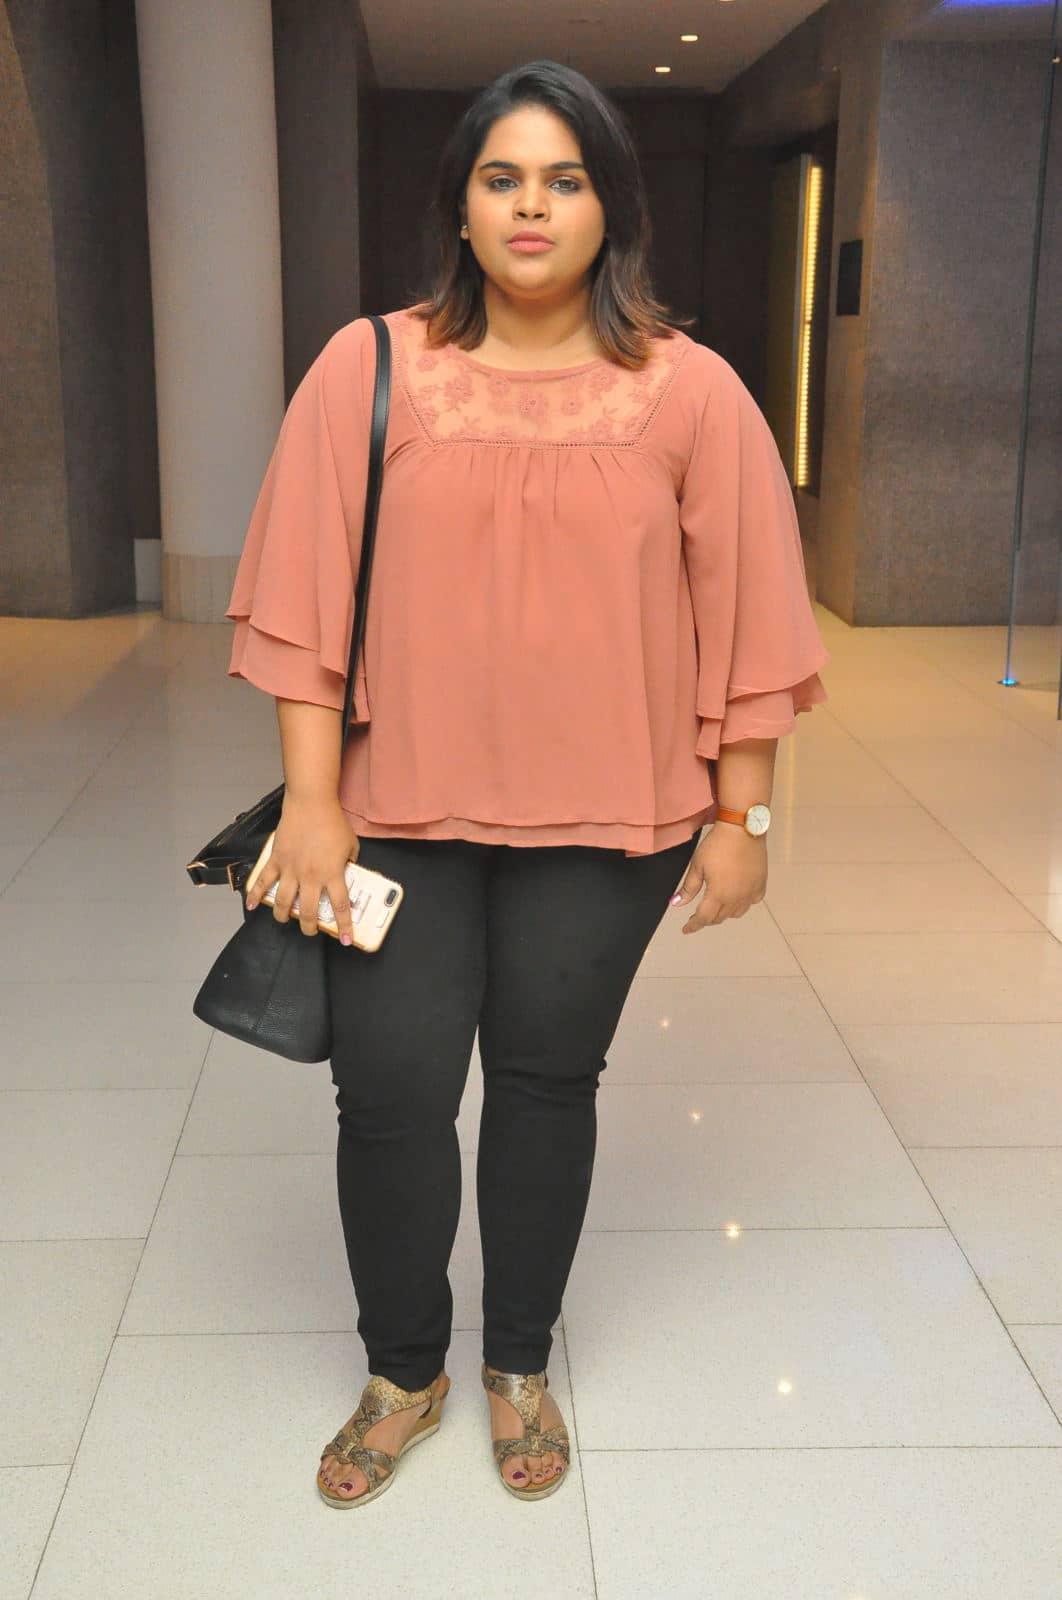 రాజా ది గ్రేట్ సక్సెస్ మీట్ ఫోటో గ్యాలరీ